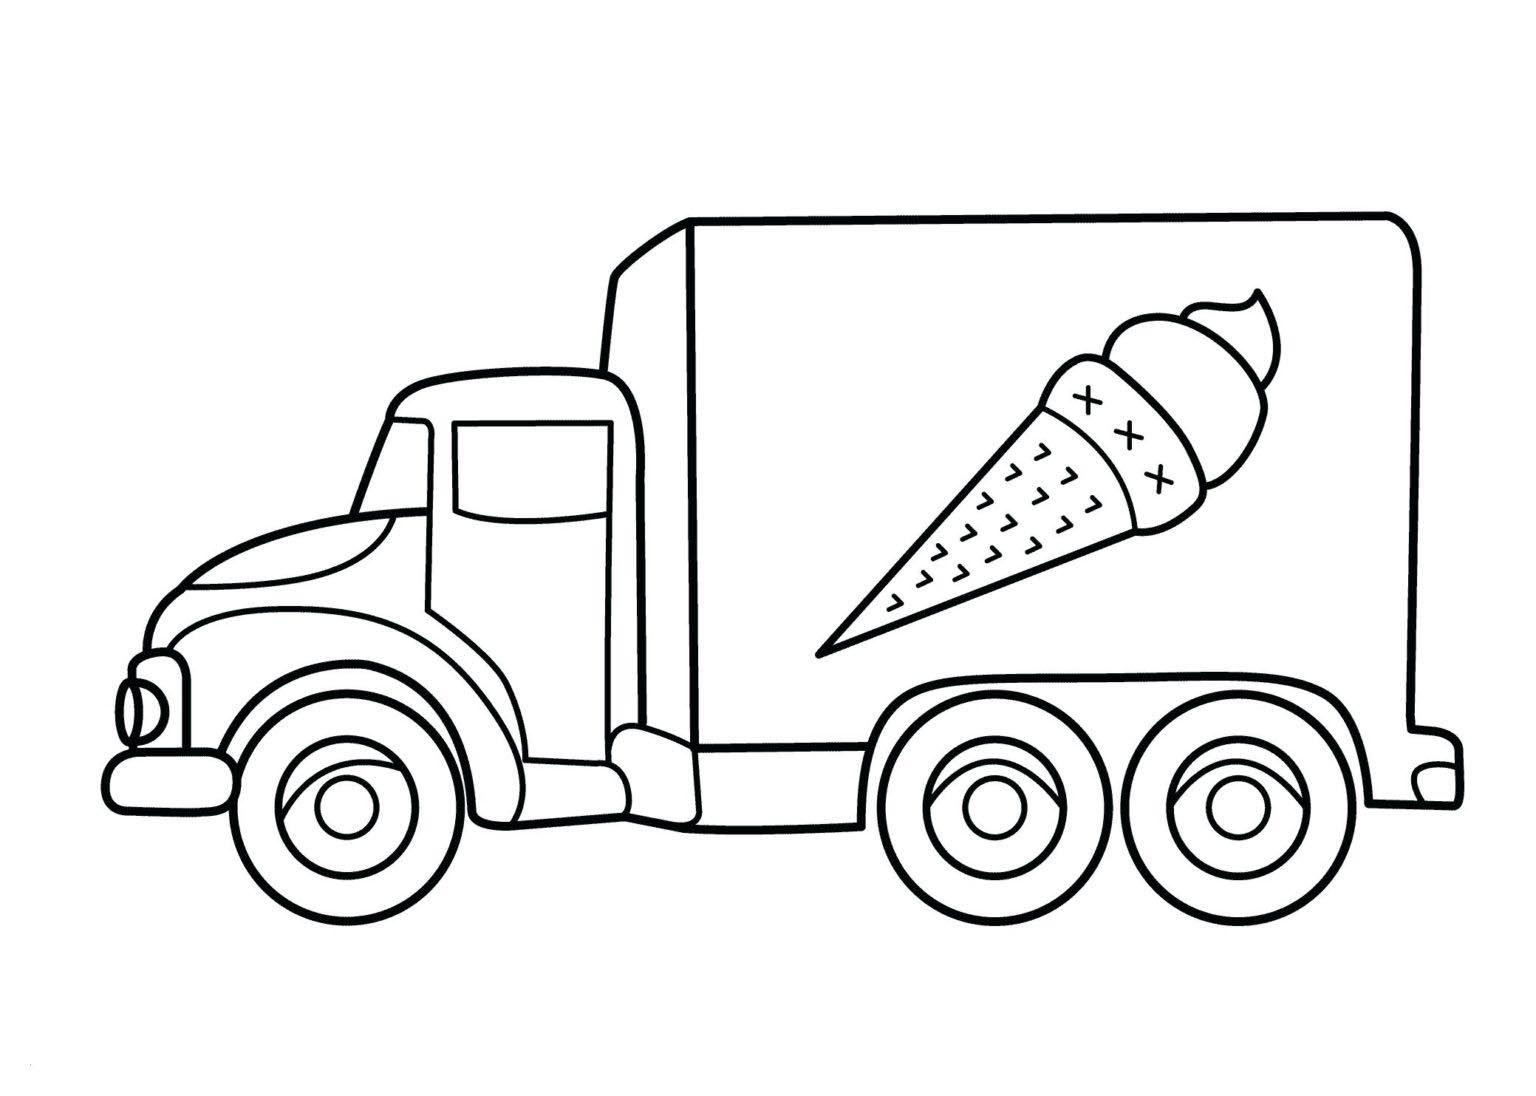 Tranh tô màu xe tải bán kem